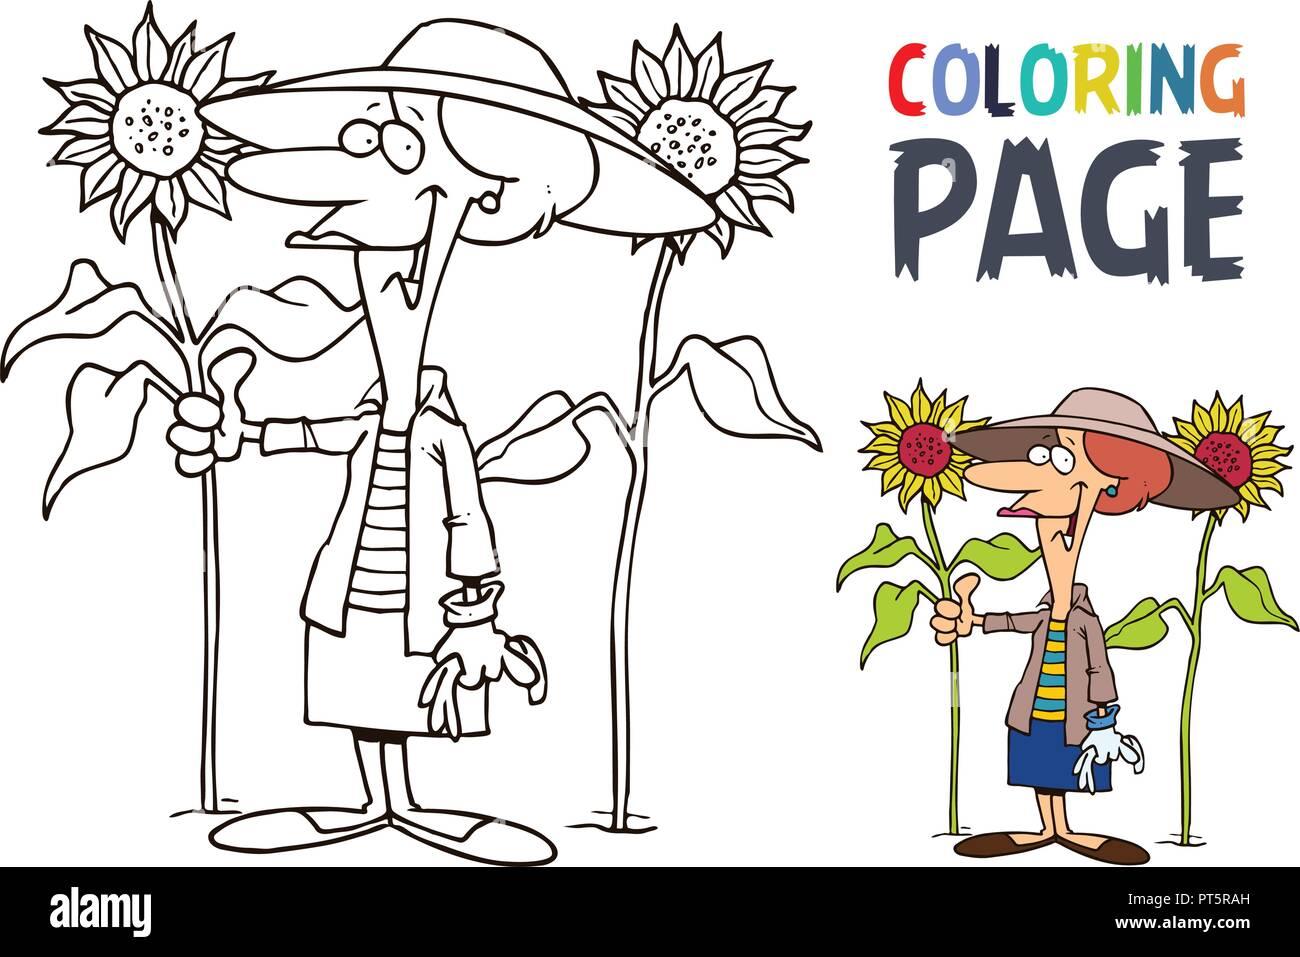 Abuela Y Girasol Página Para Colorear Dibujos Animados Ilustración